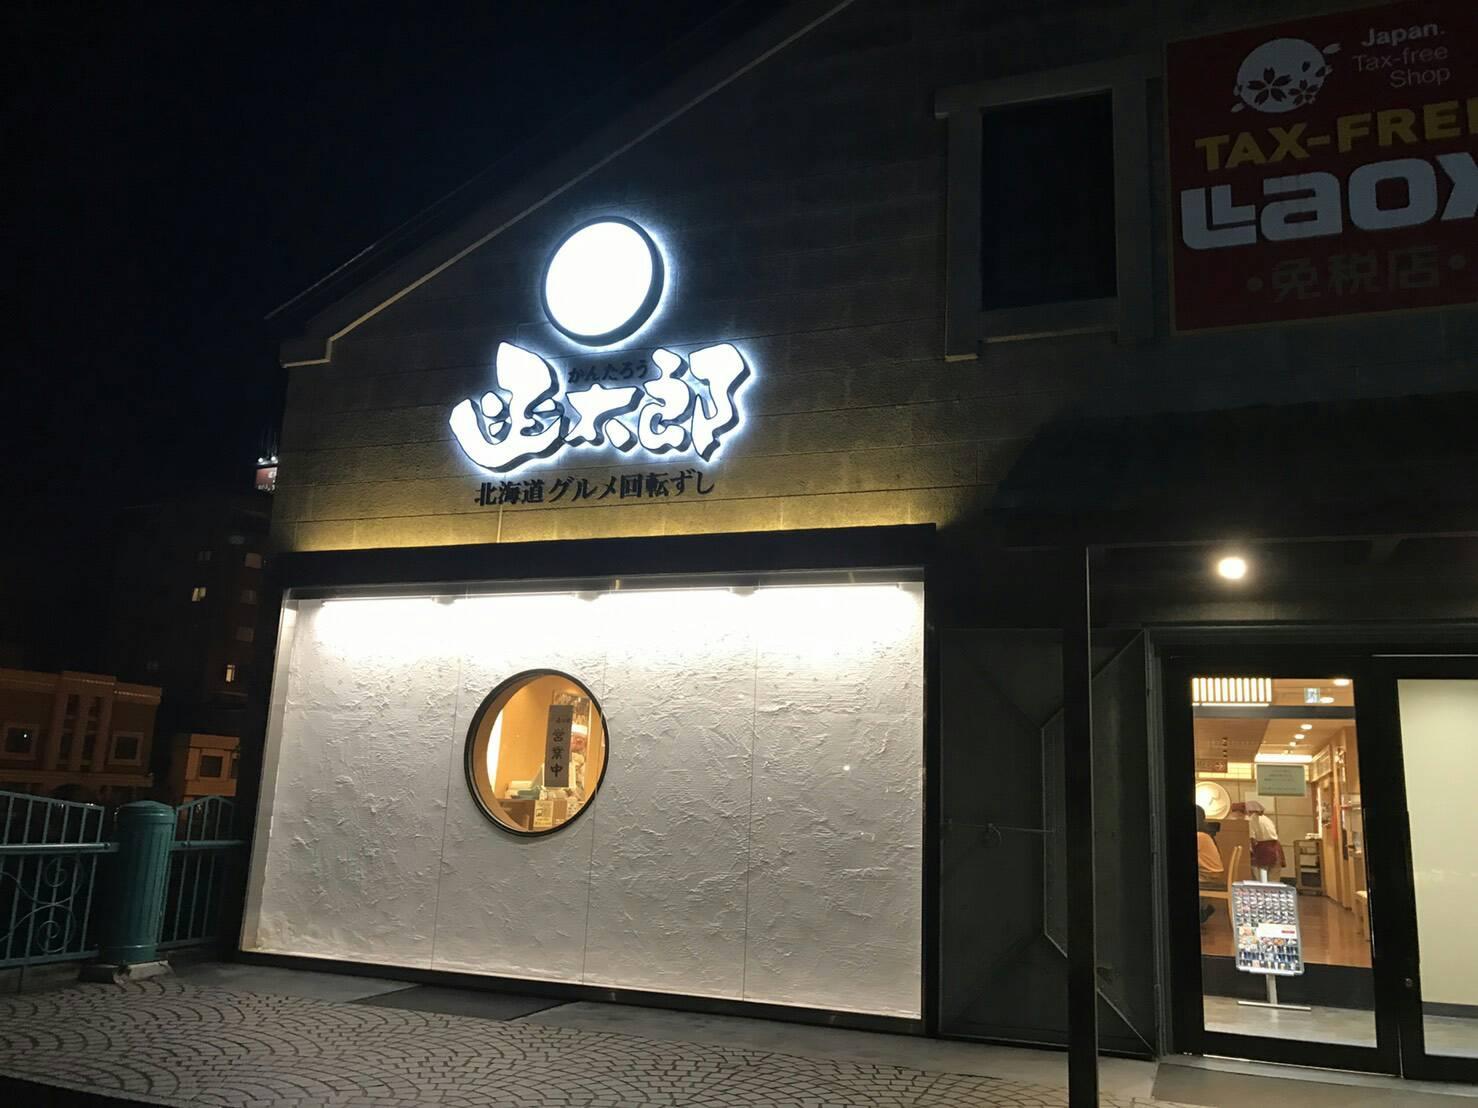 函太郎の回転寿司を食べに小樽へ行ってきました。